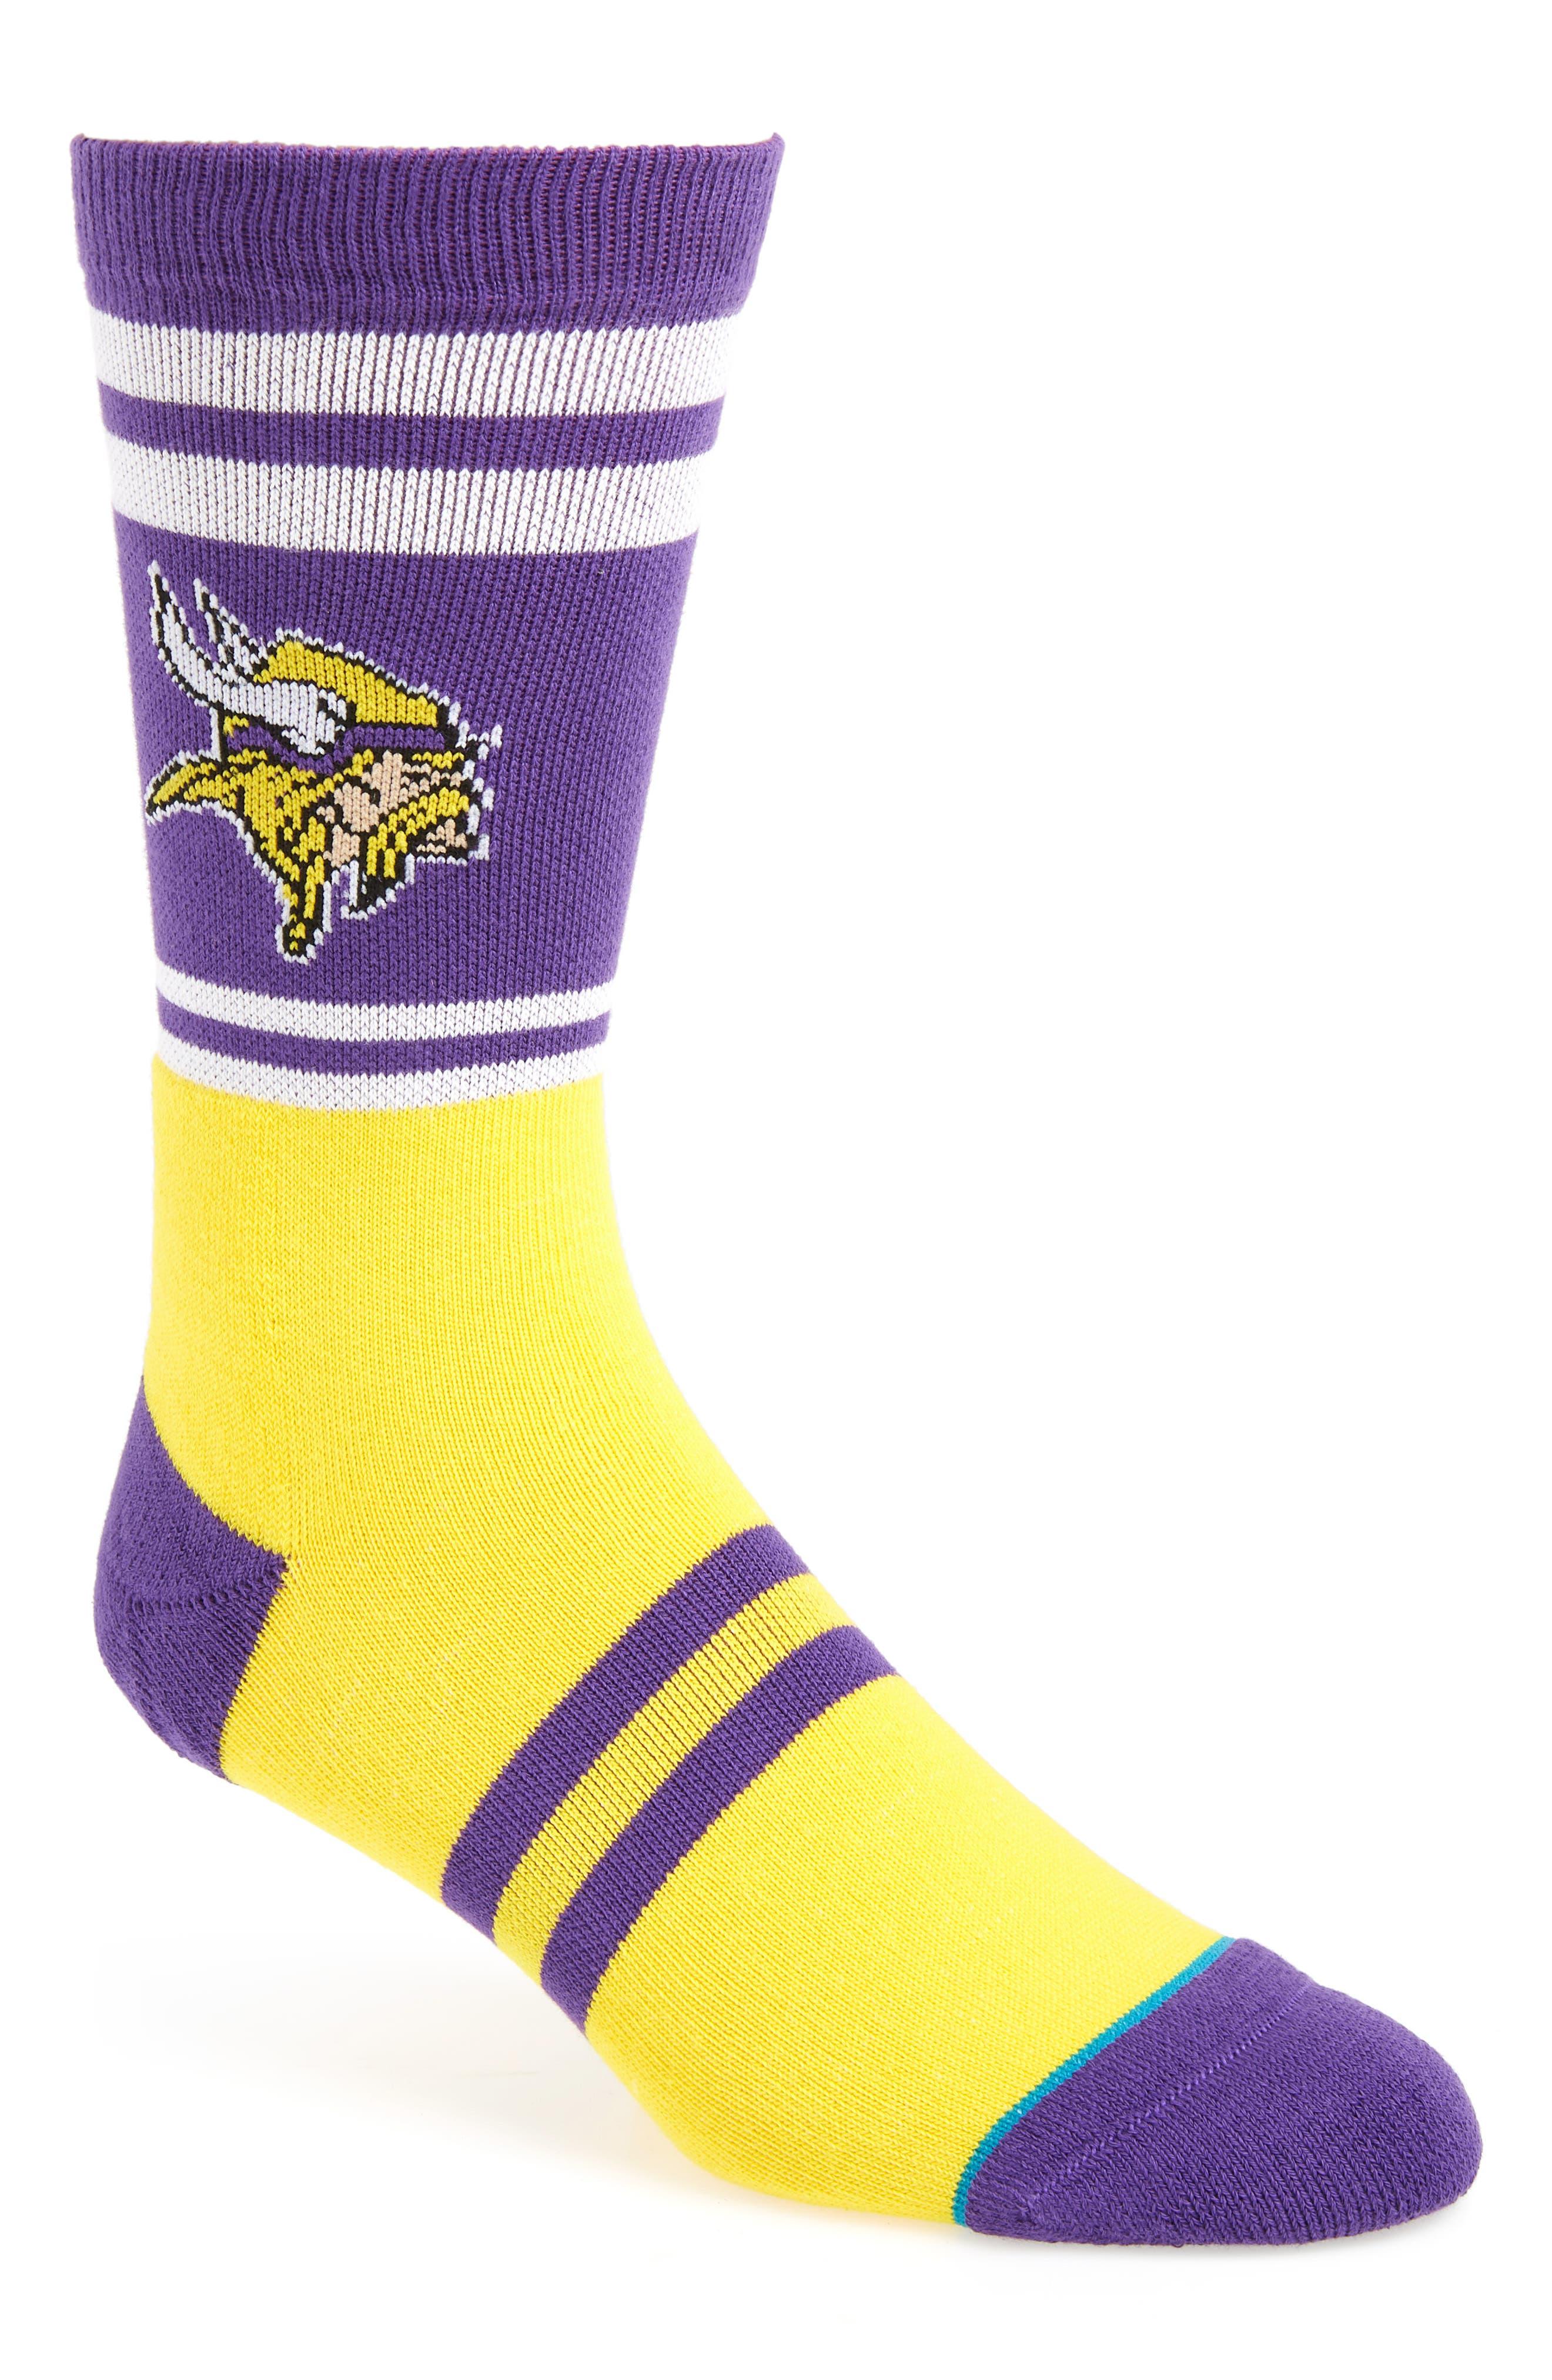 Minnesota Vikings Socks,                             Main thumbnail 1, color,                             510